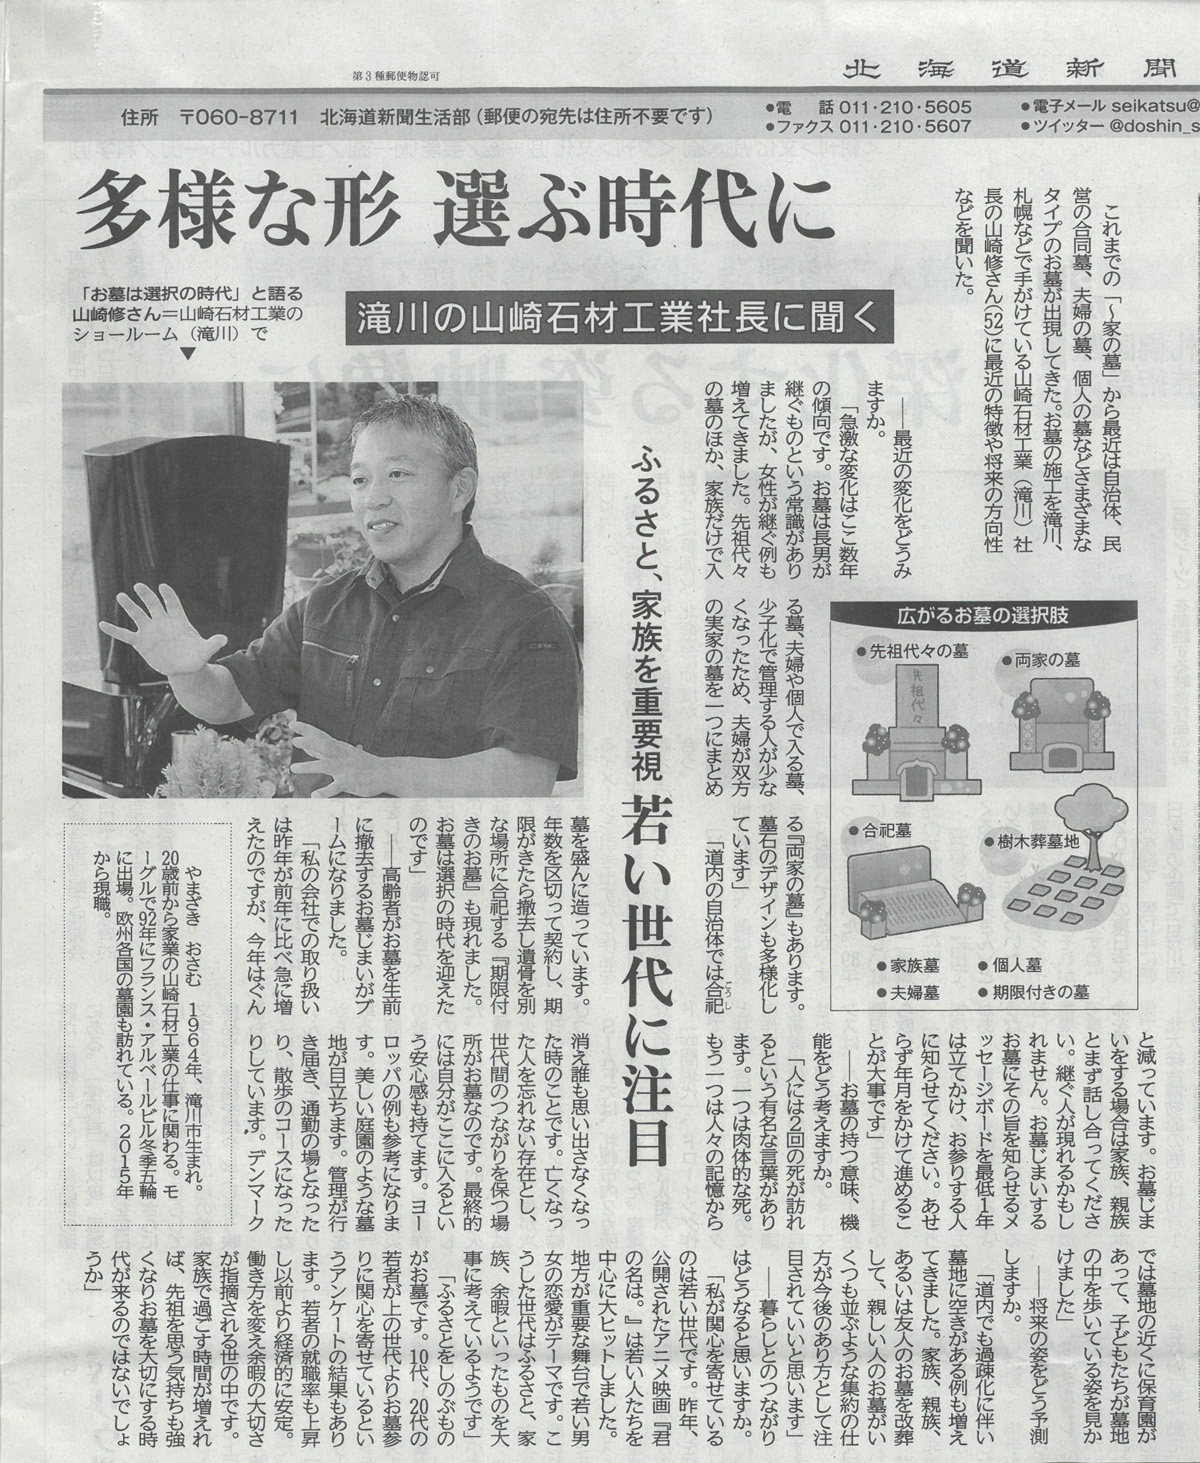 お墓インタビュー記事北海道新聞2017年9月25日.jpg